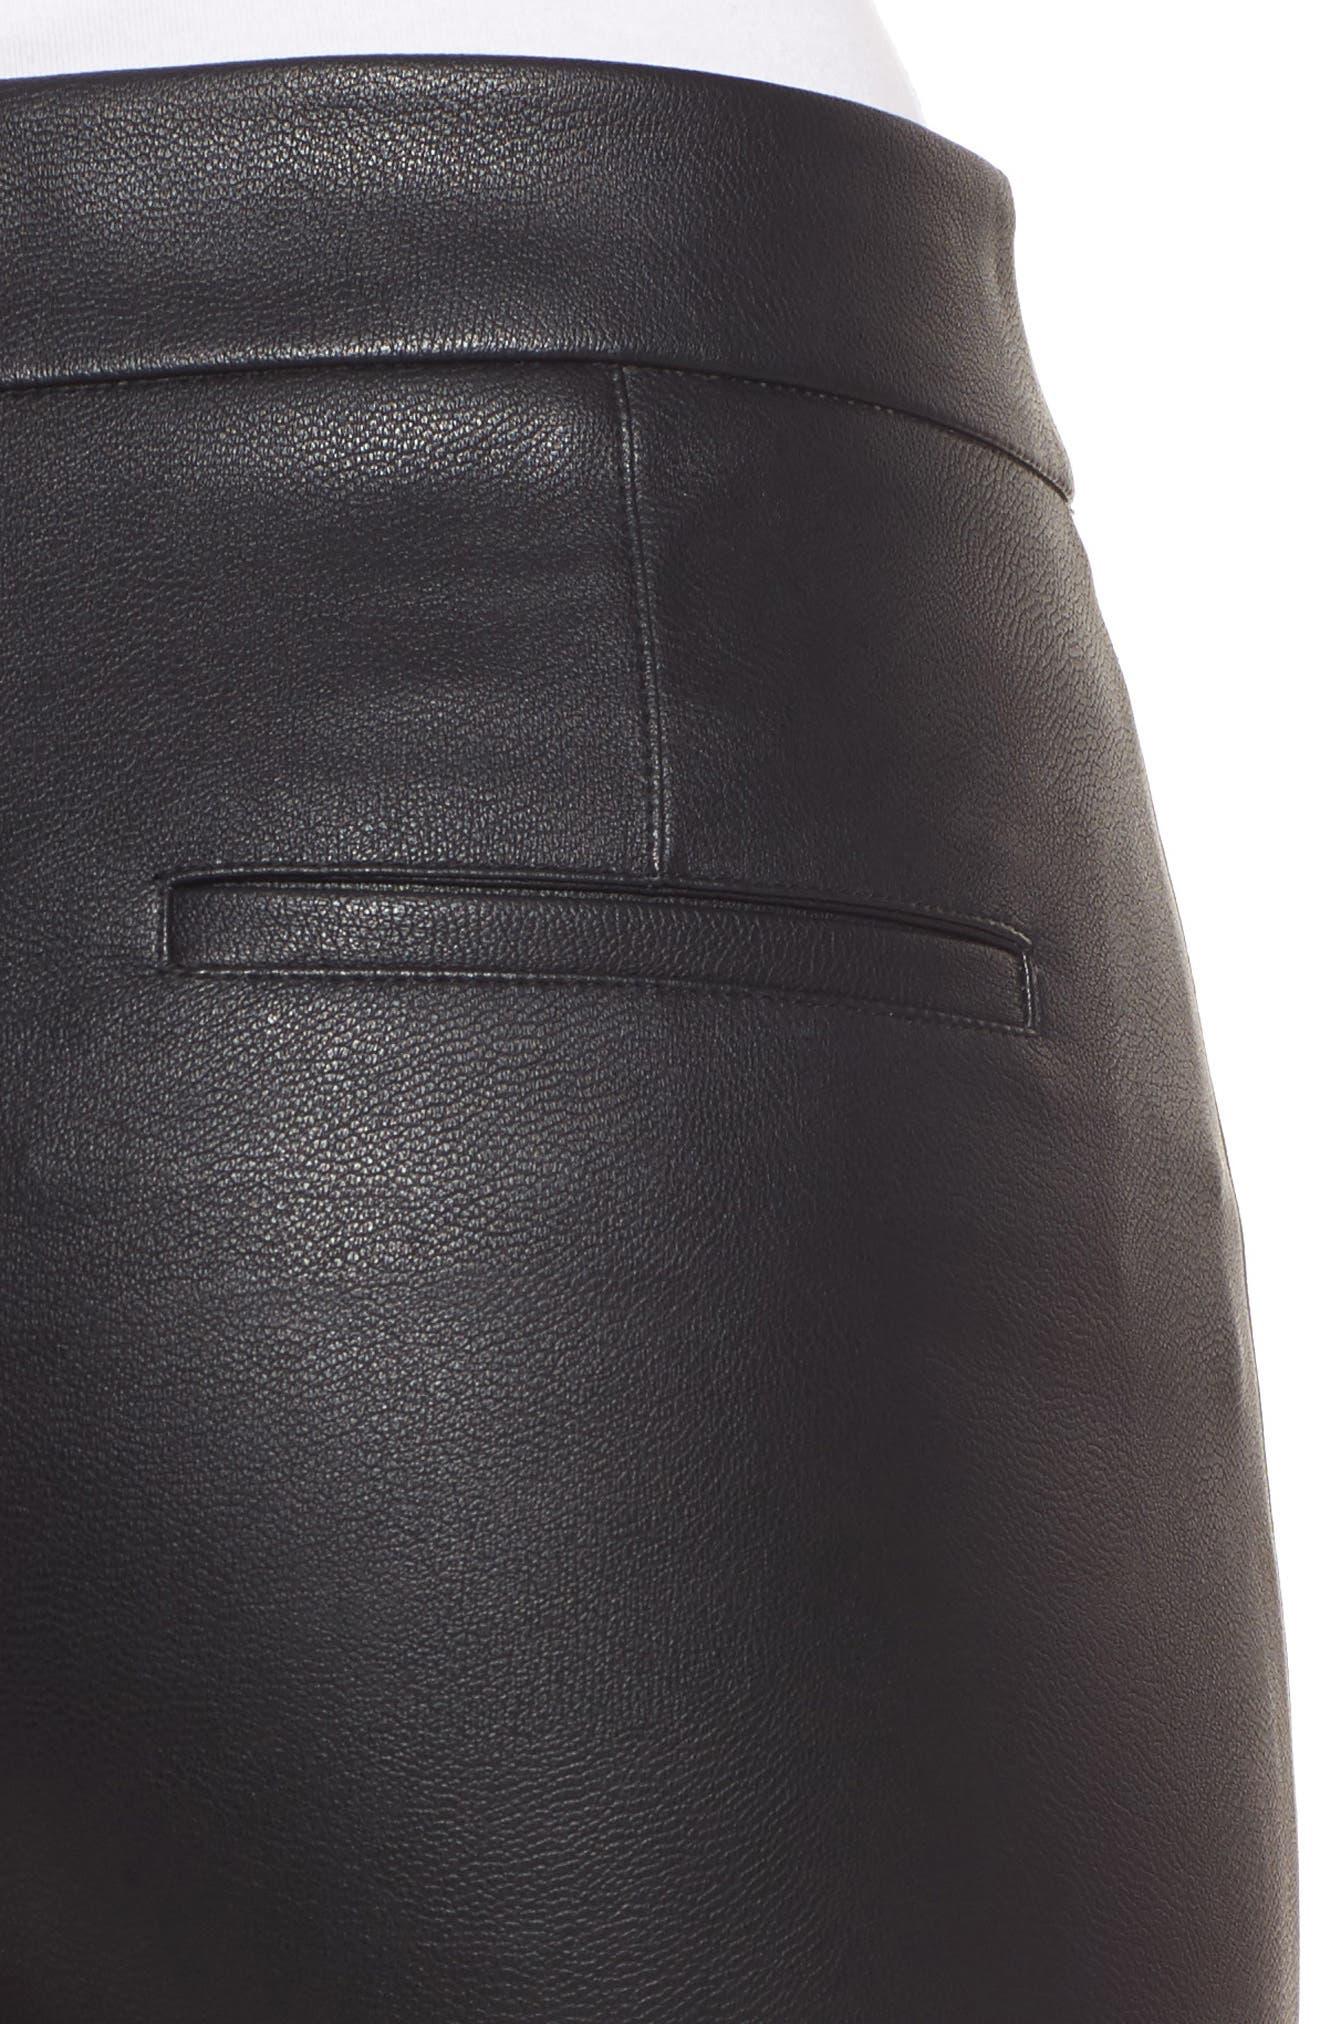 Varick Wide Leg Faux Leather Culottes,                             Alternate thumbnail 4, color,                             Black